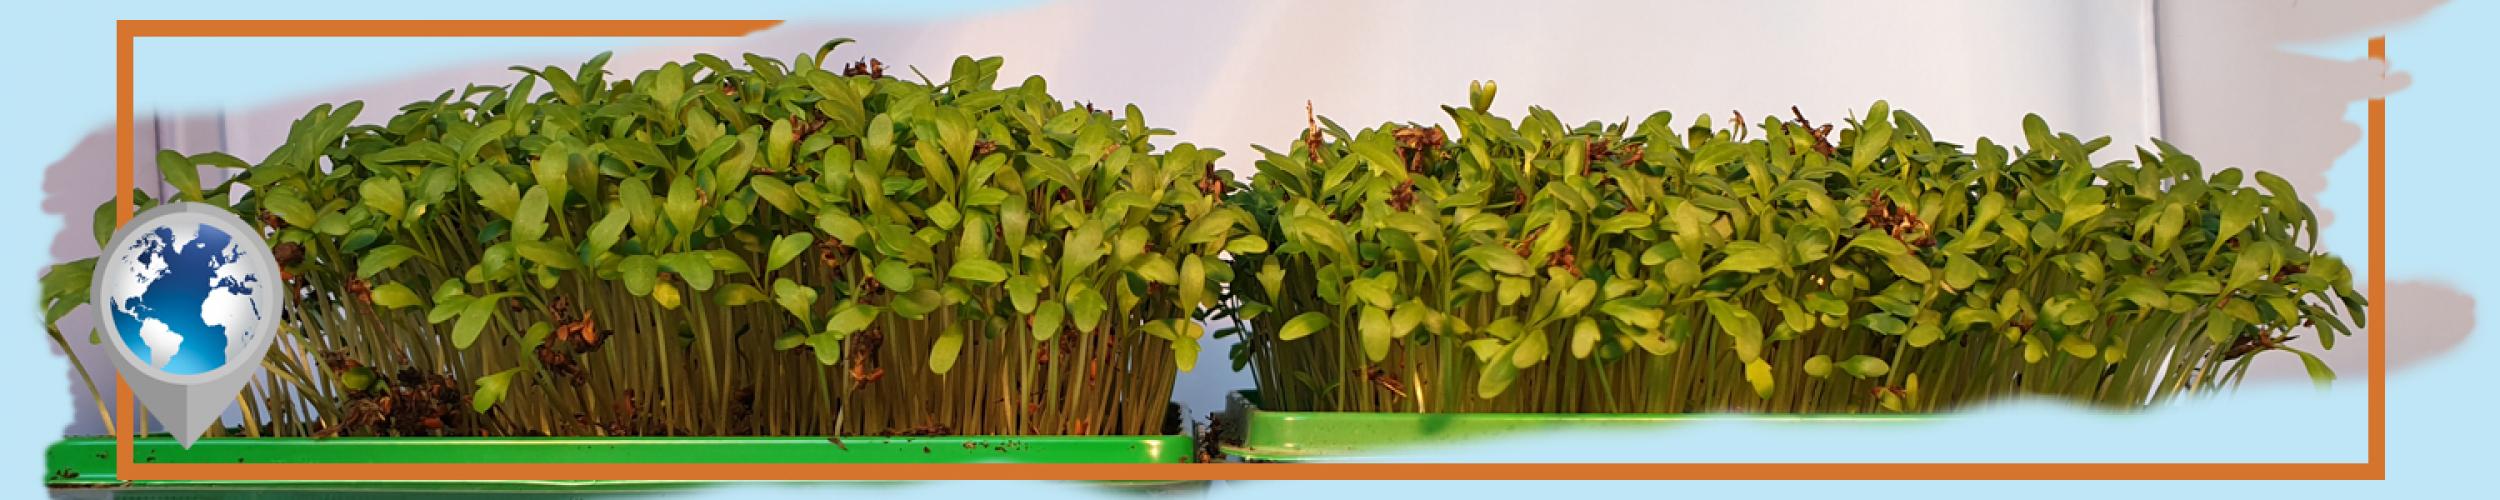 Los precursores de crecimiento de TerraCottem despliegan su magia en el crecimiento de las raíces y de las plantas